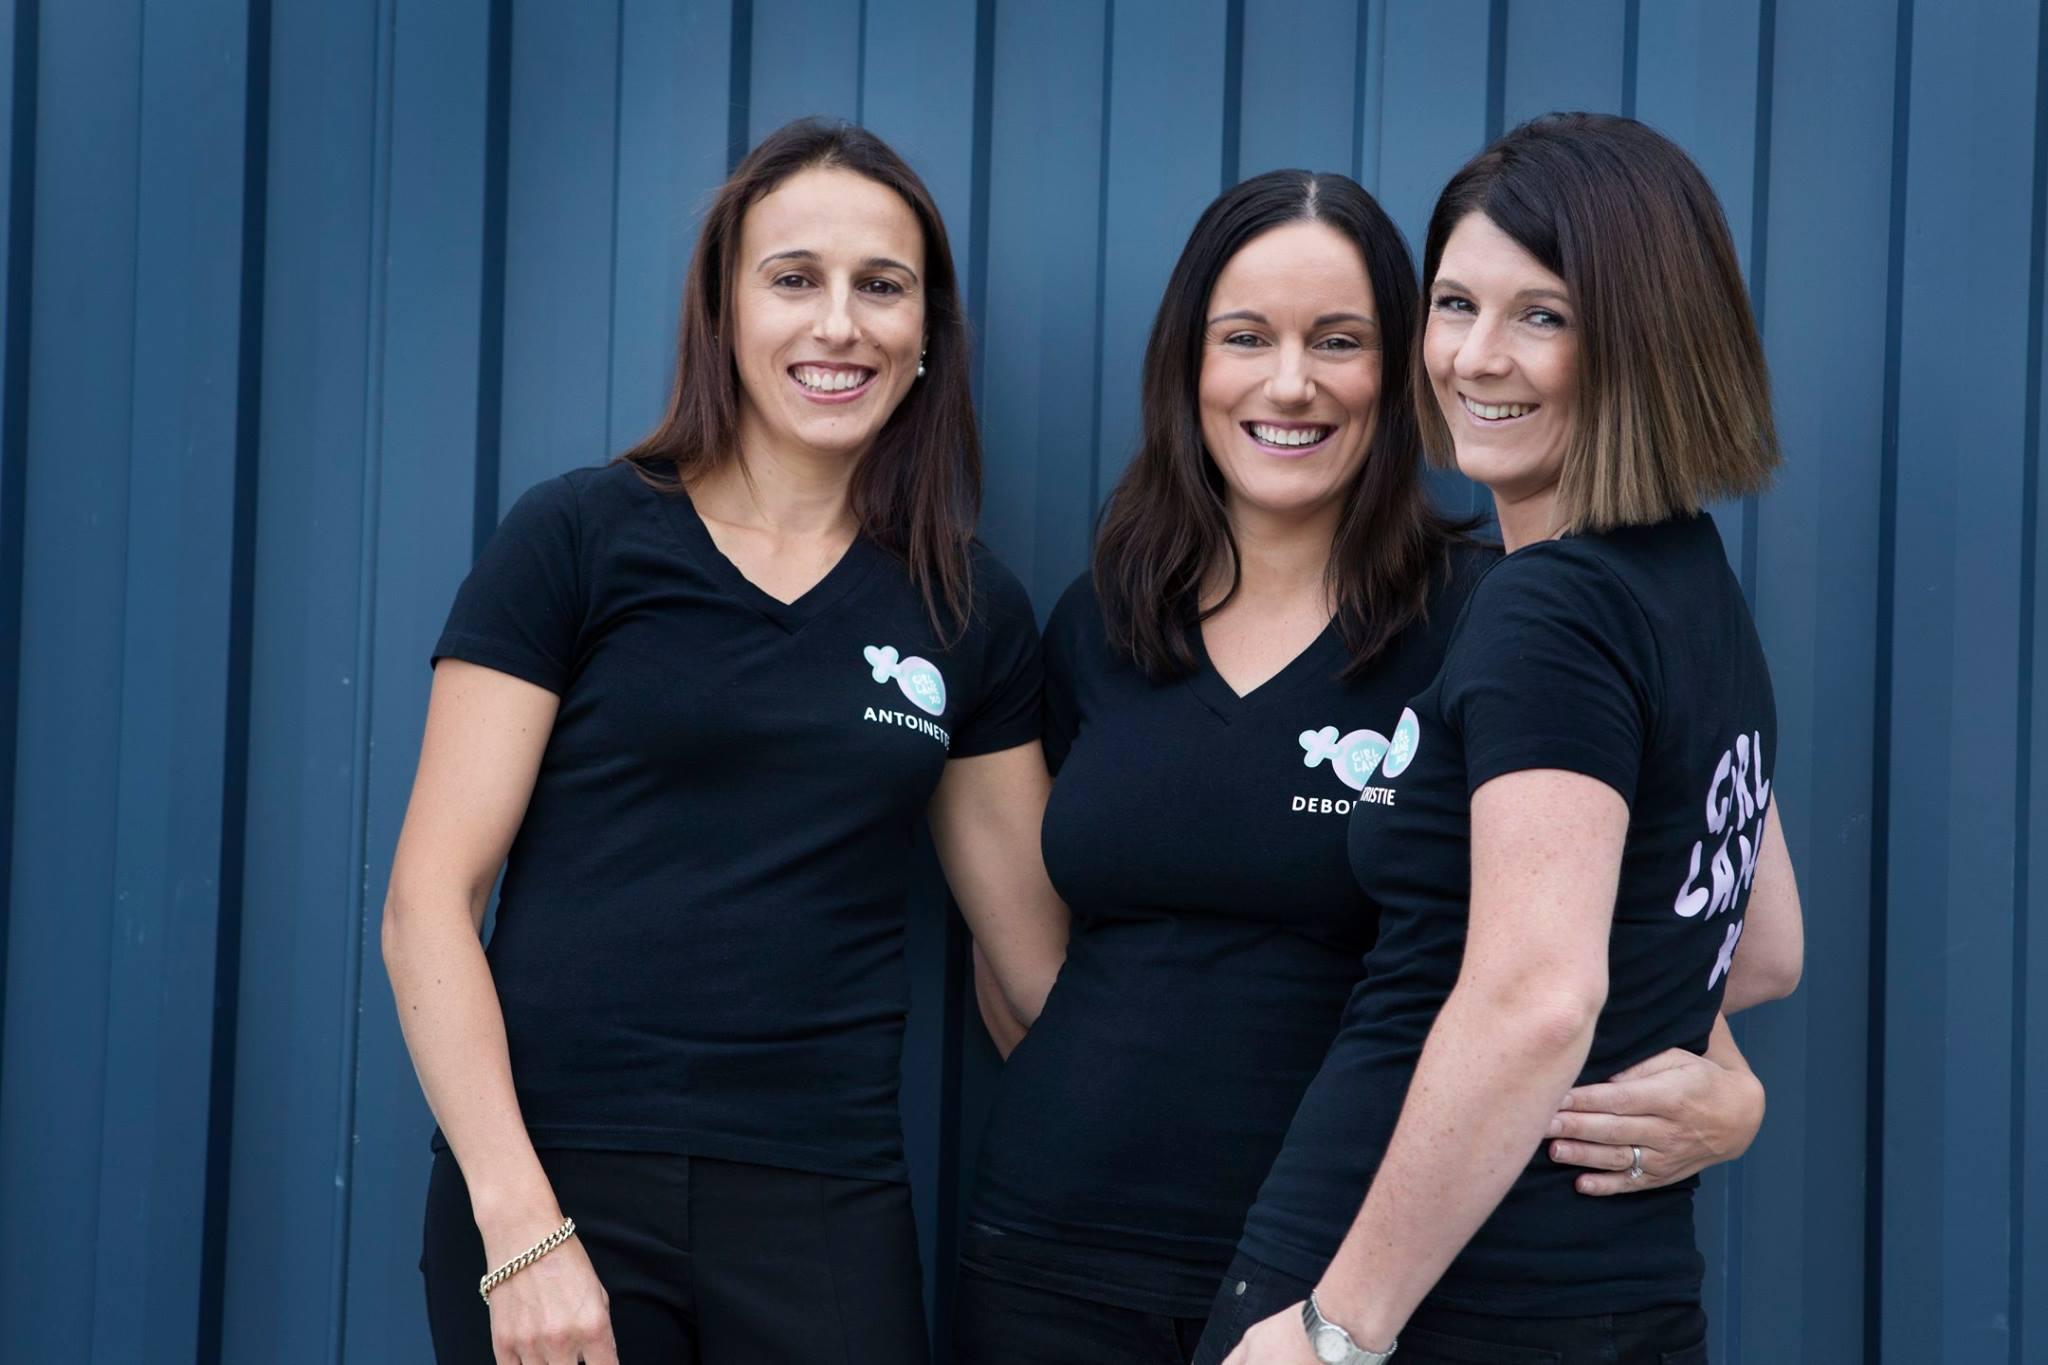 founders of Girl Lane, Deborah Williams, Kristie Jinks and Antoinette Truda